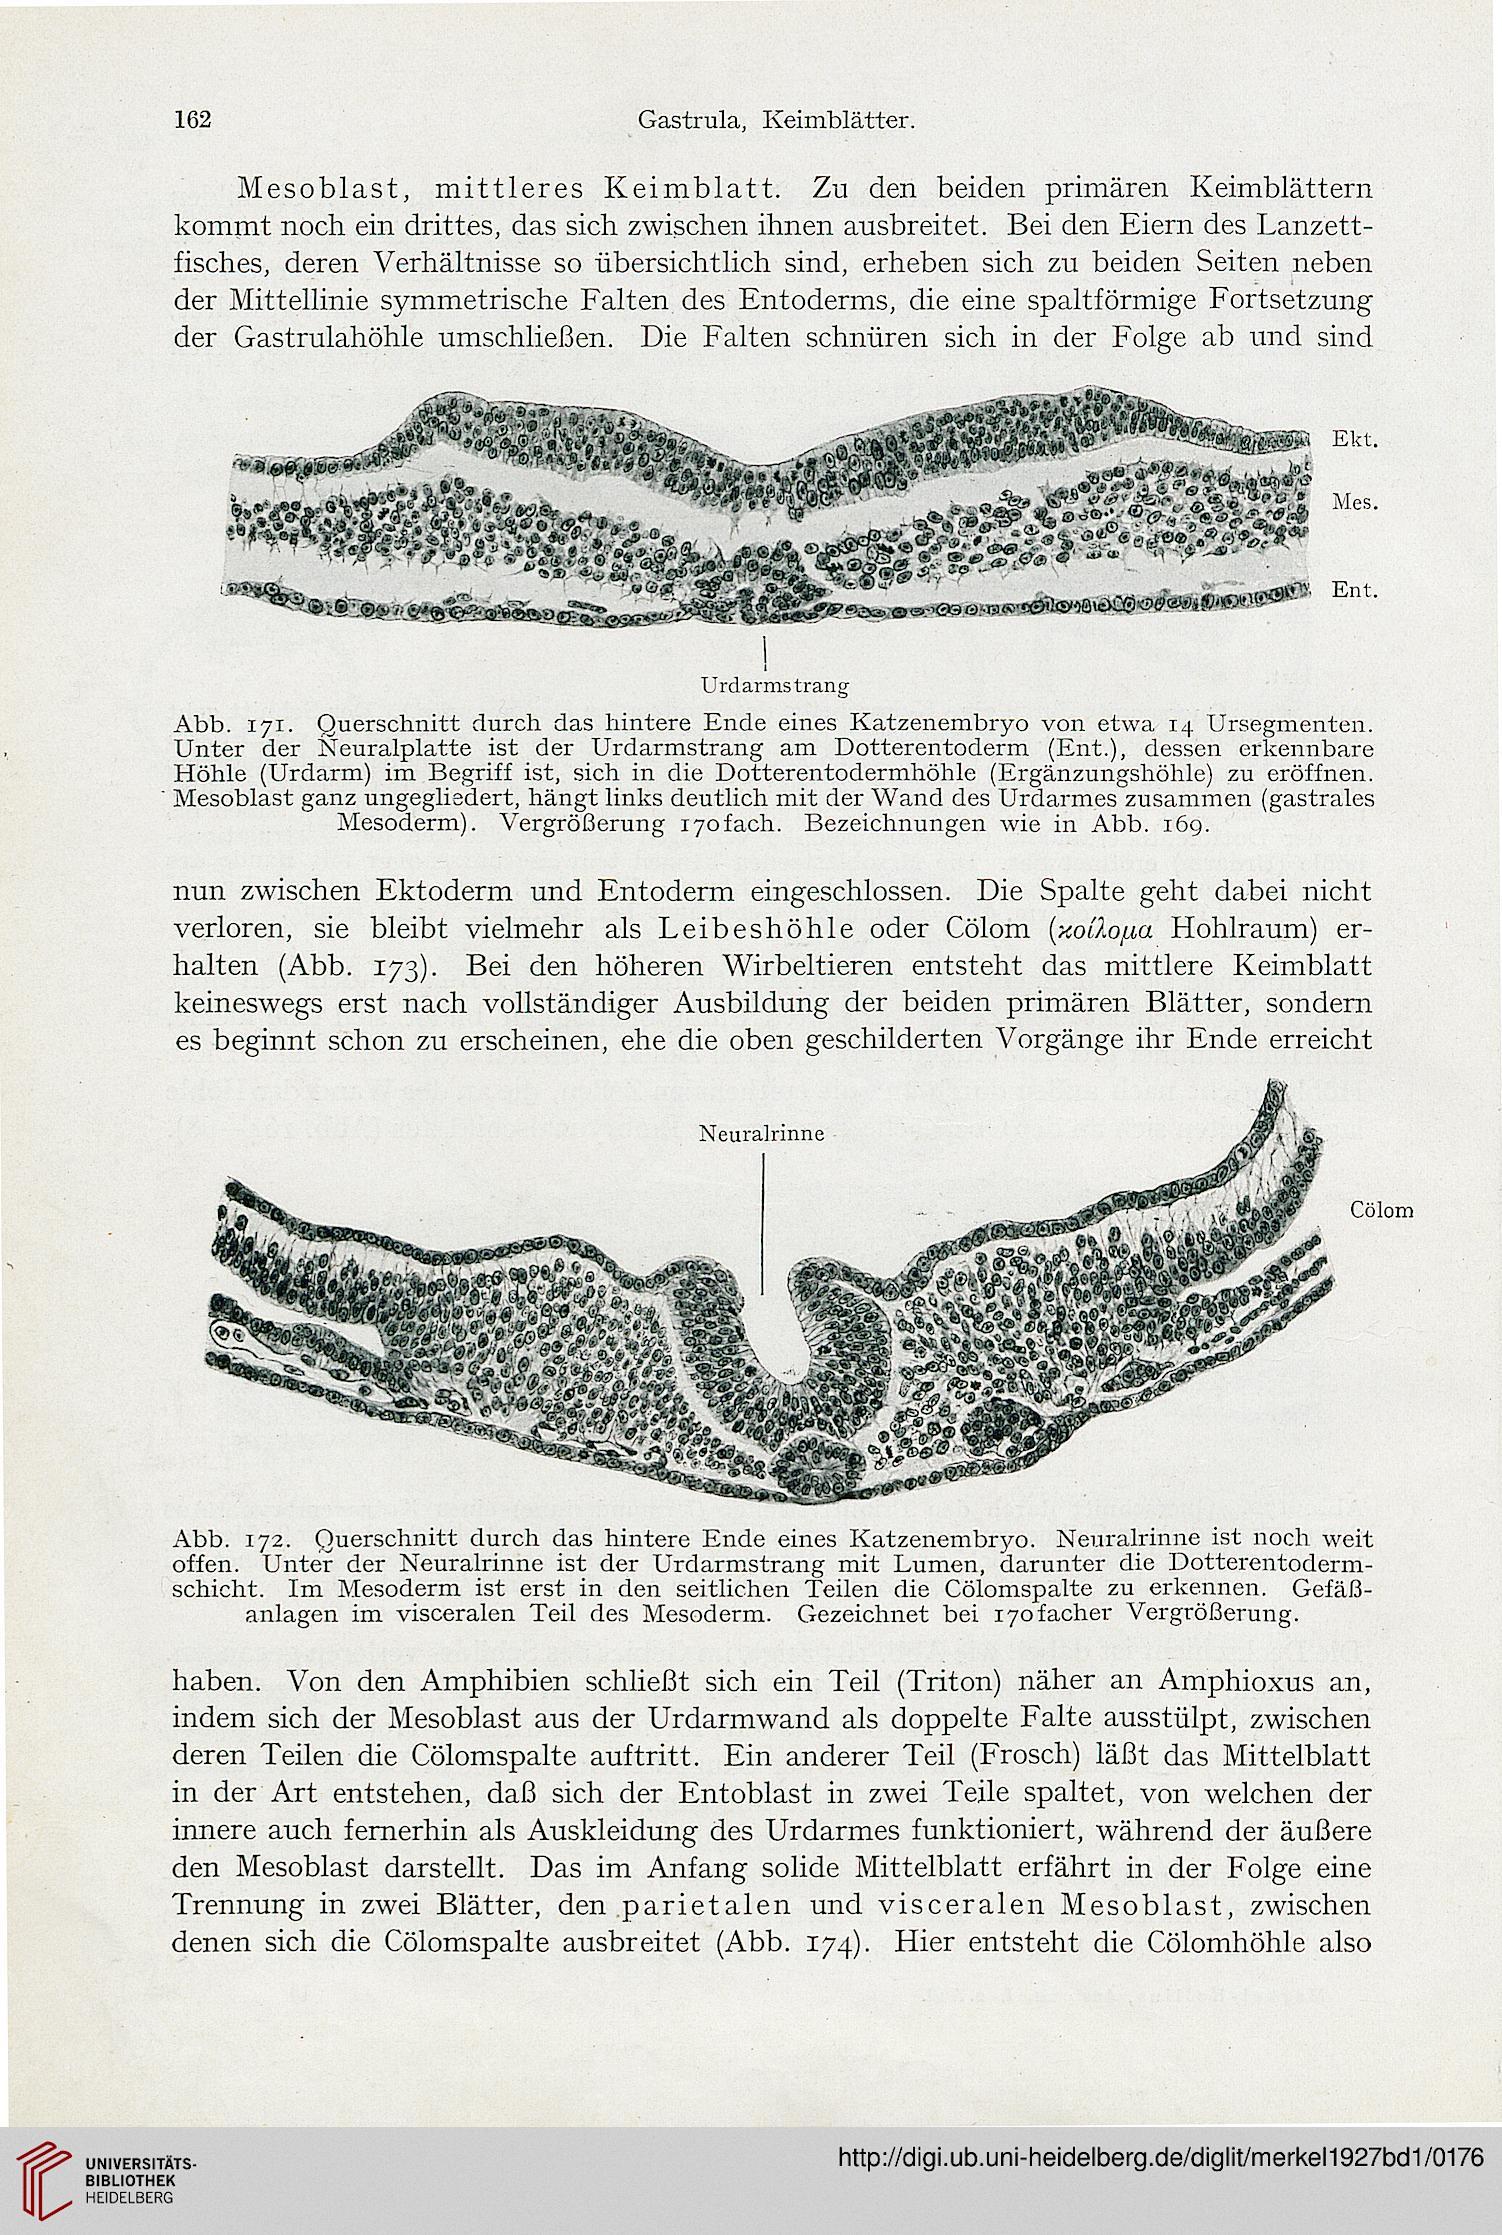 Großzügig Lachs äußere Anatomie Galerie - Anatomie Und Physiologie ...